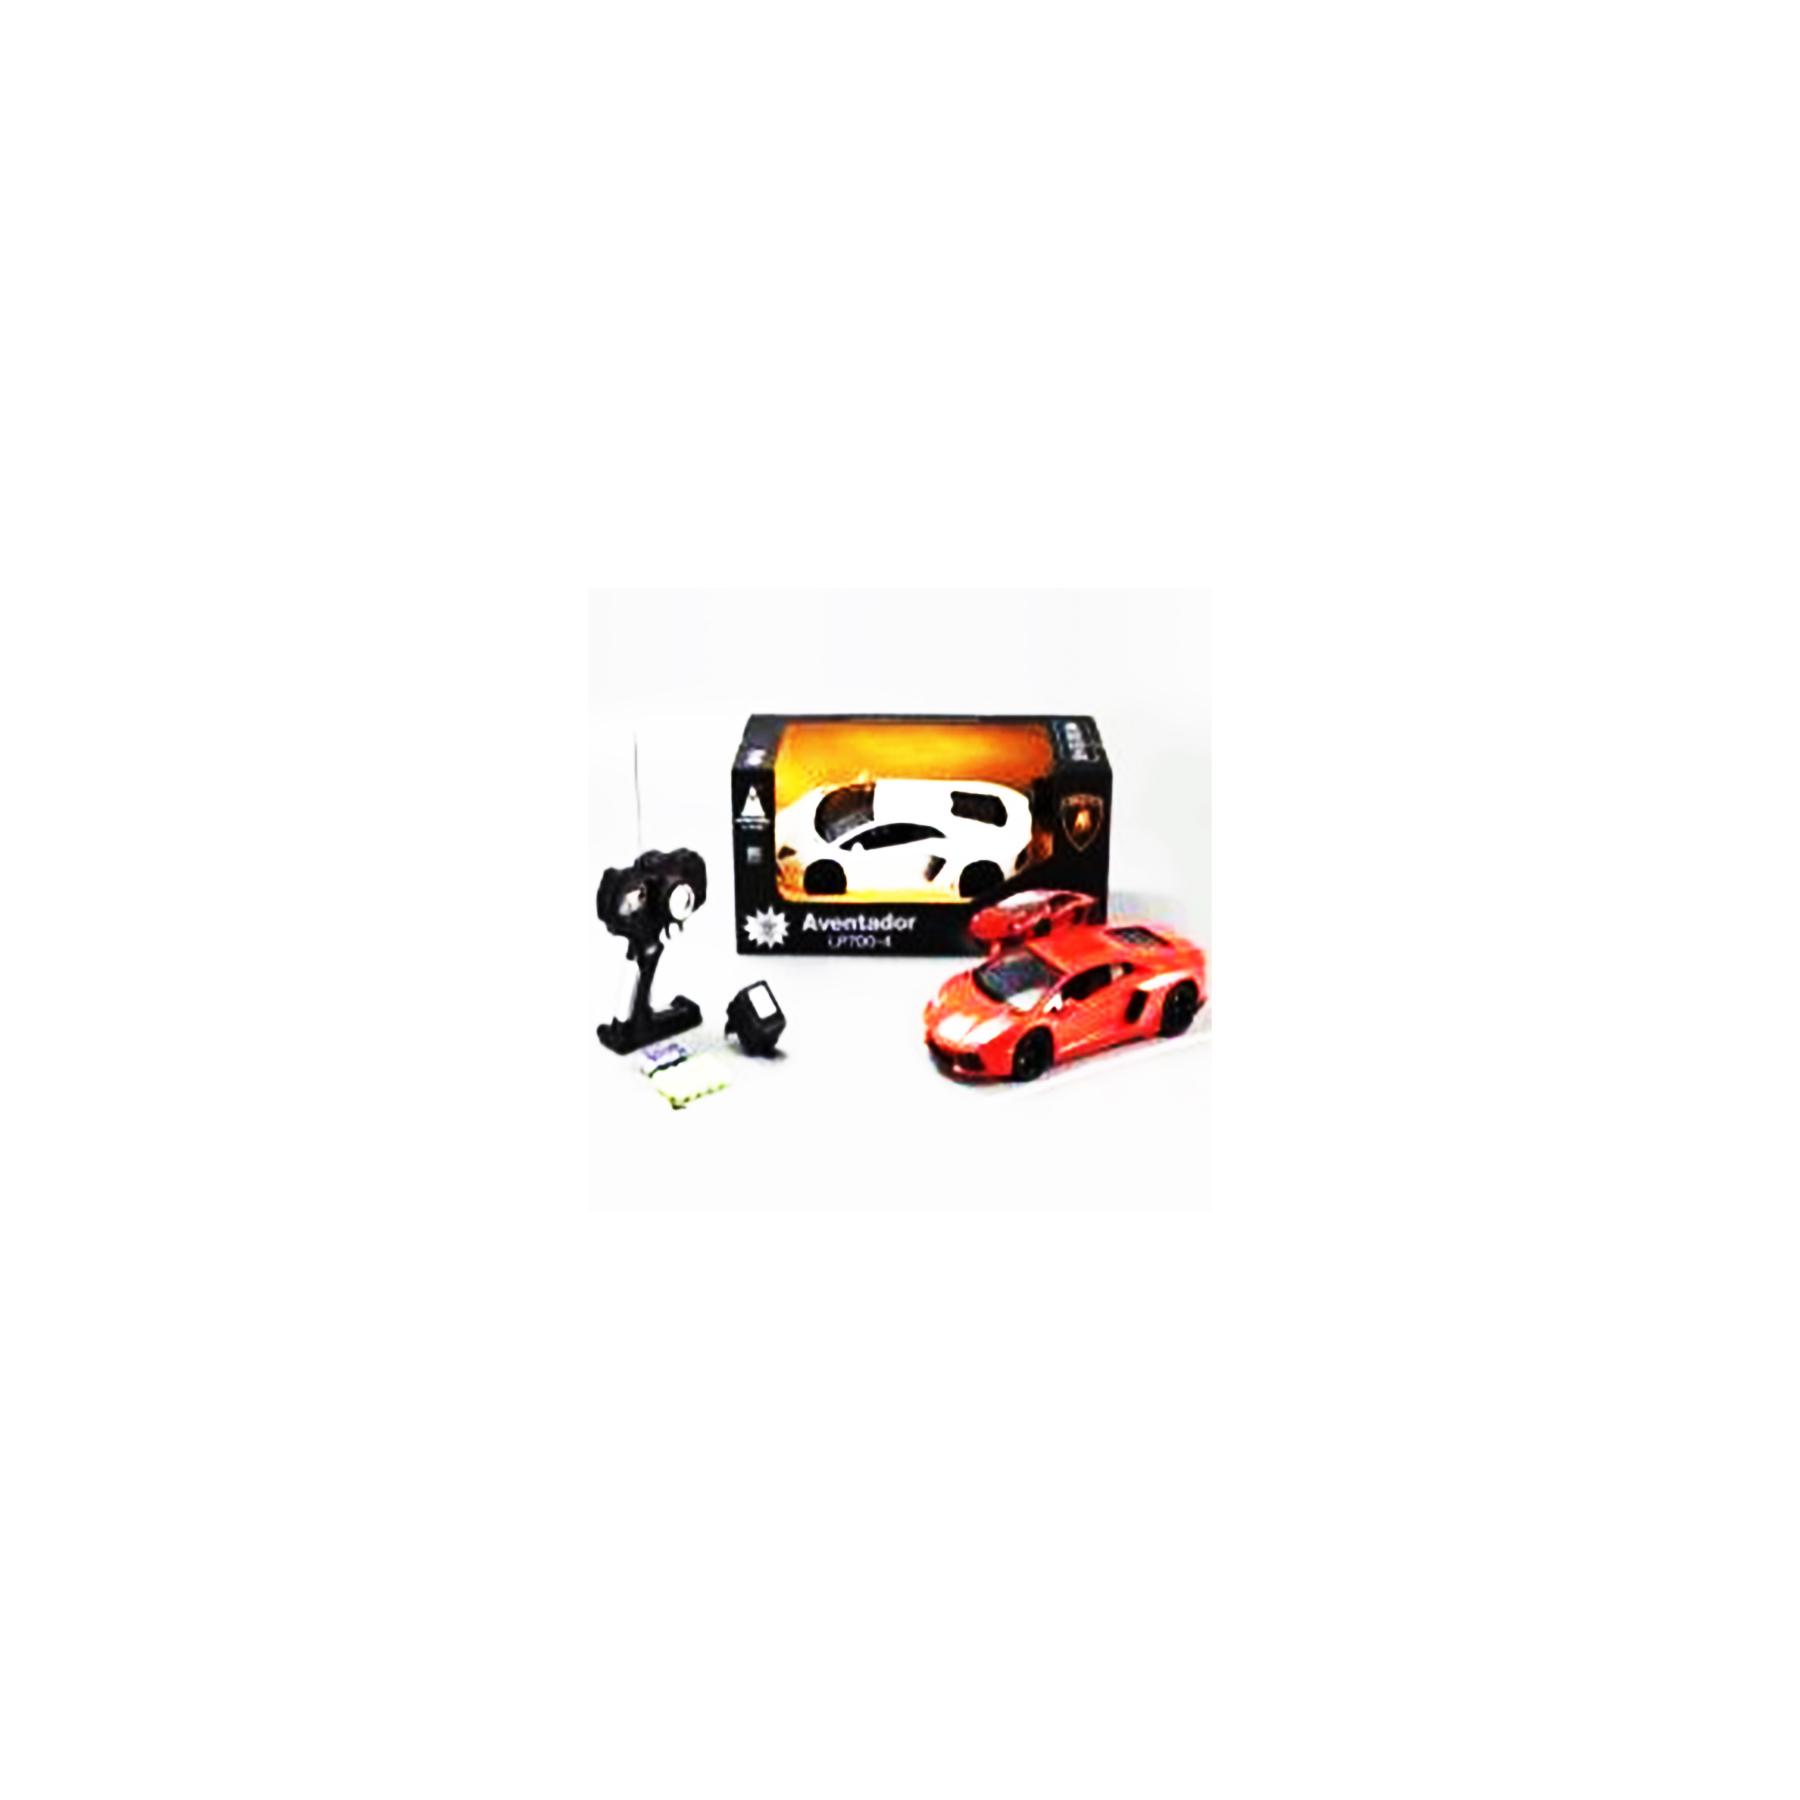 Автомобиль пластмассовый на Р/У модель Lamborghini 300206-1 (376001)